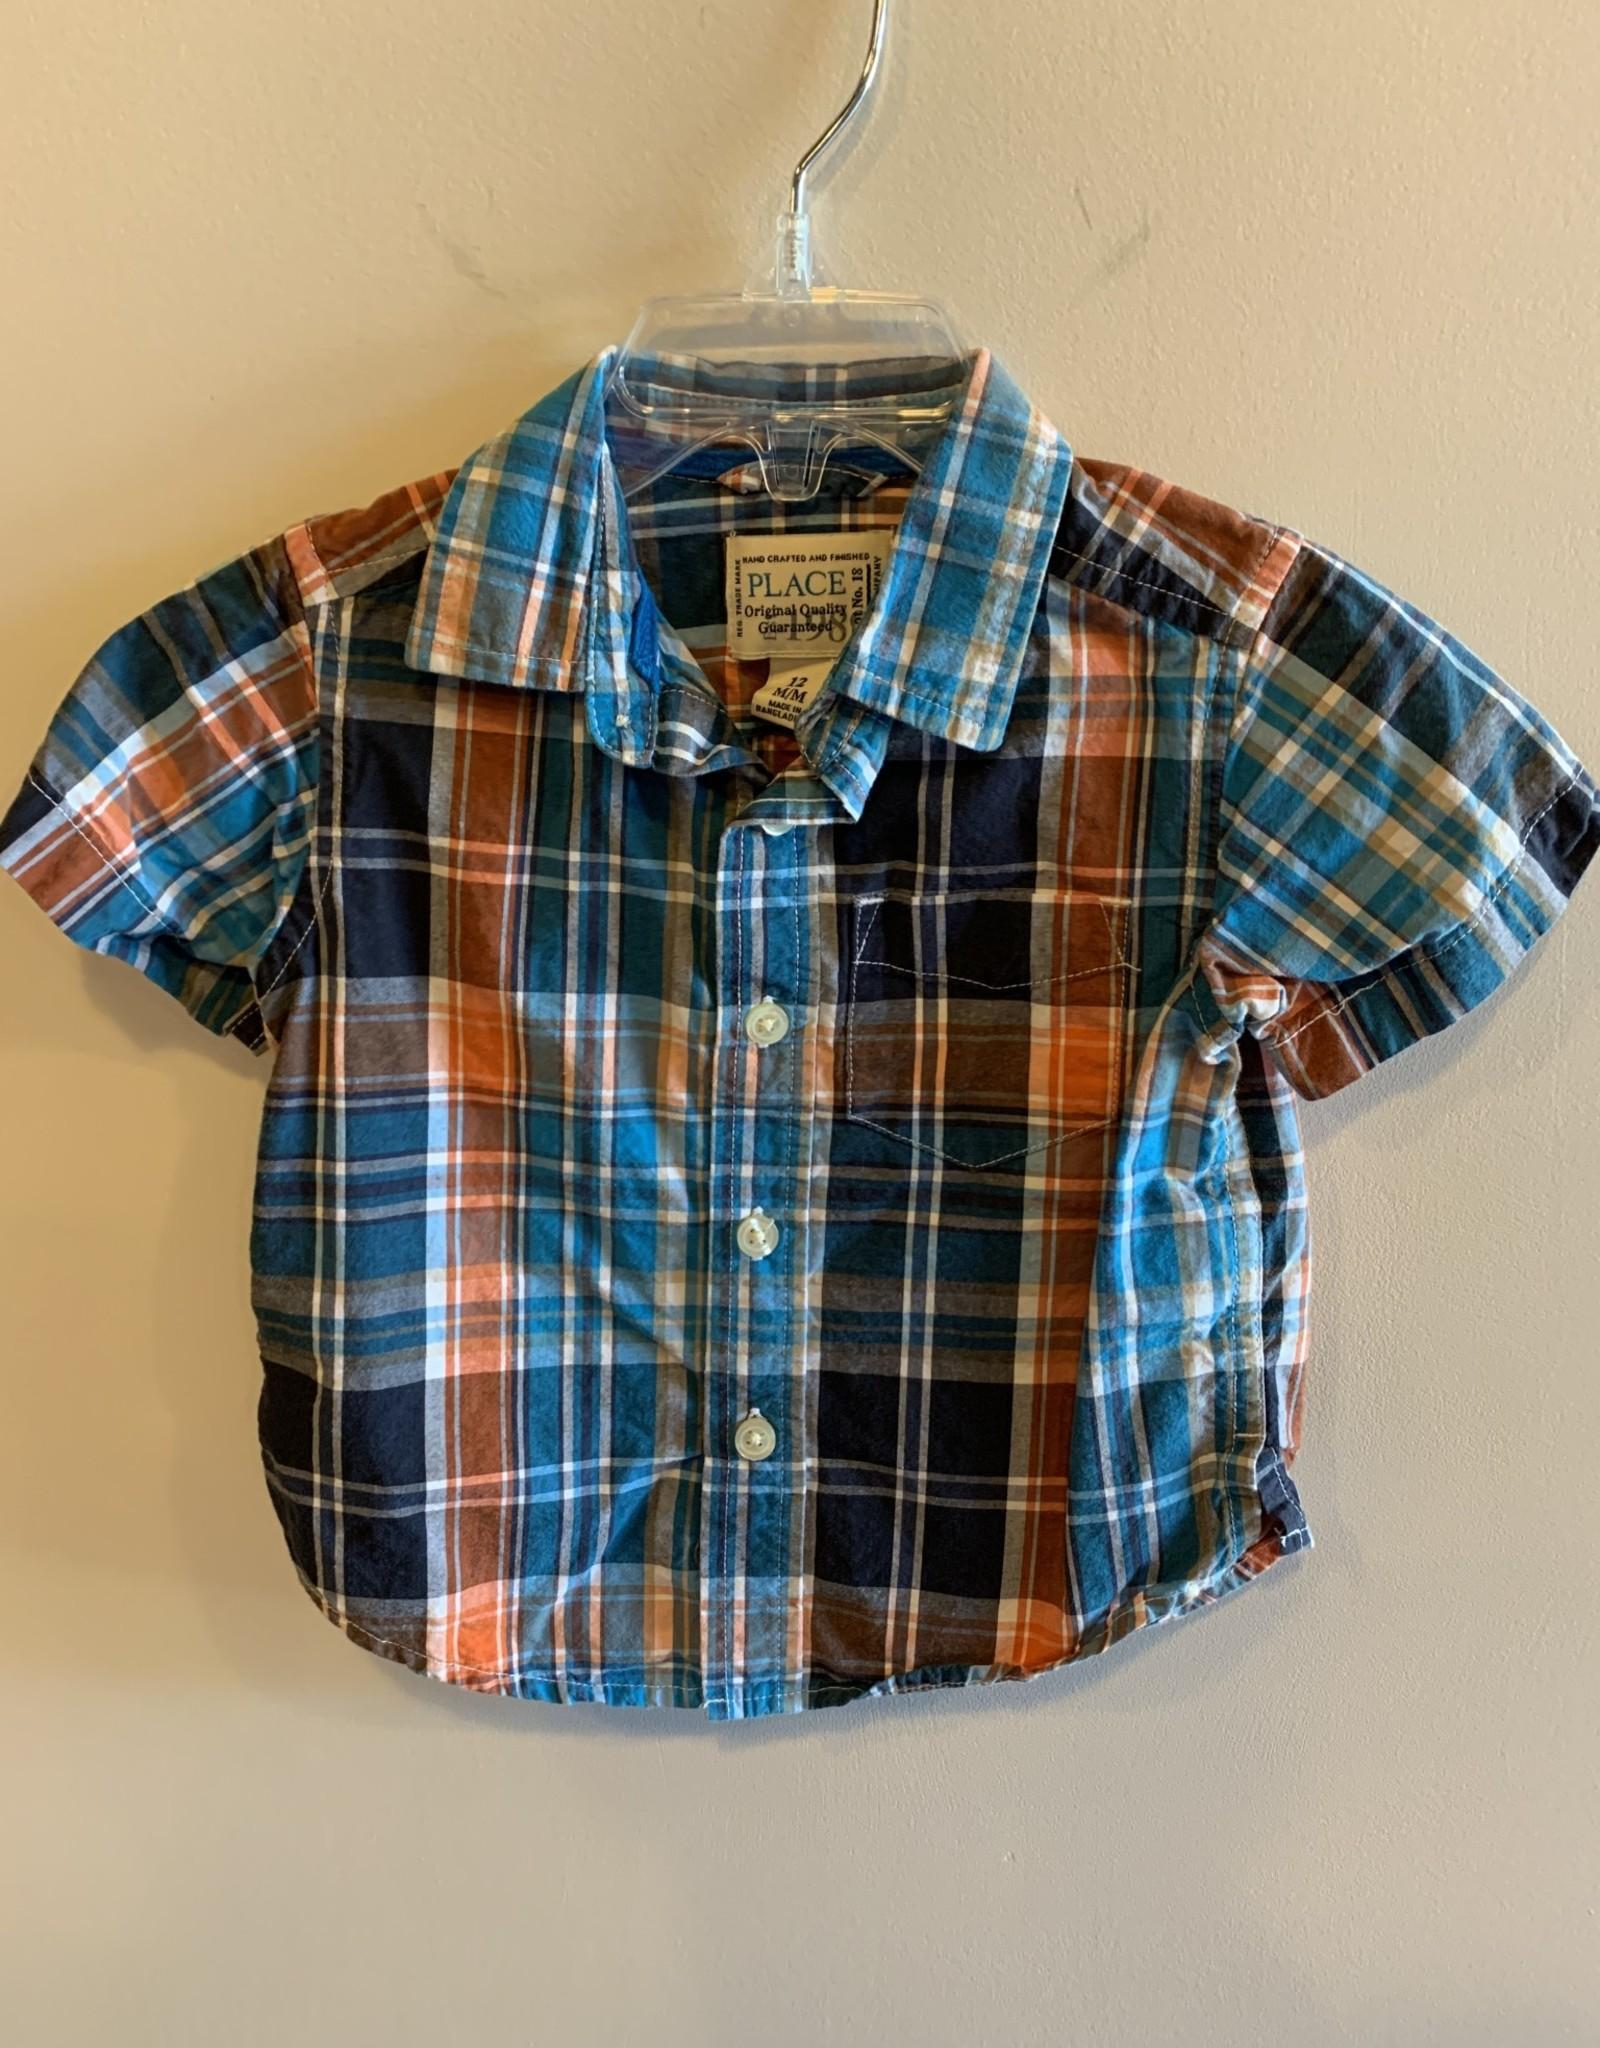 Children's Place Boys/9-12/Place/Shirt